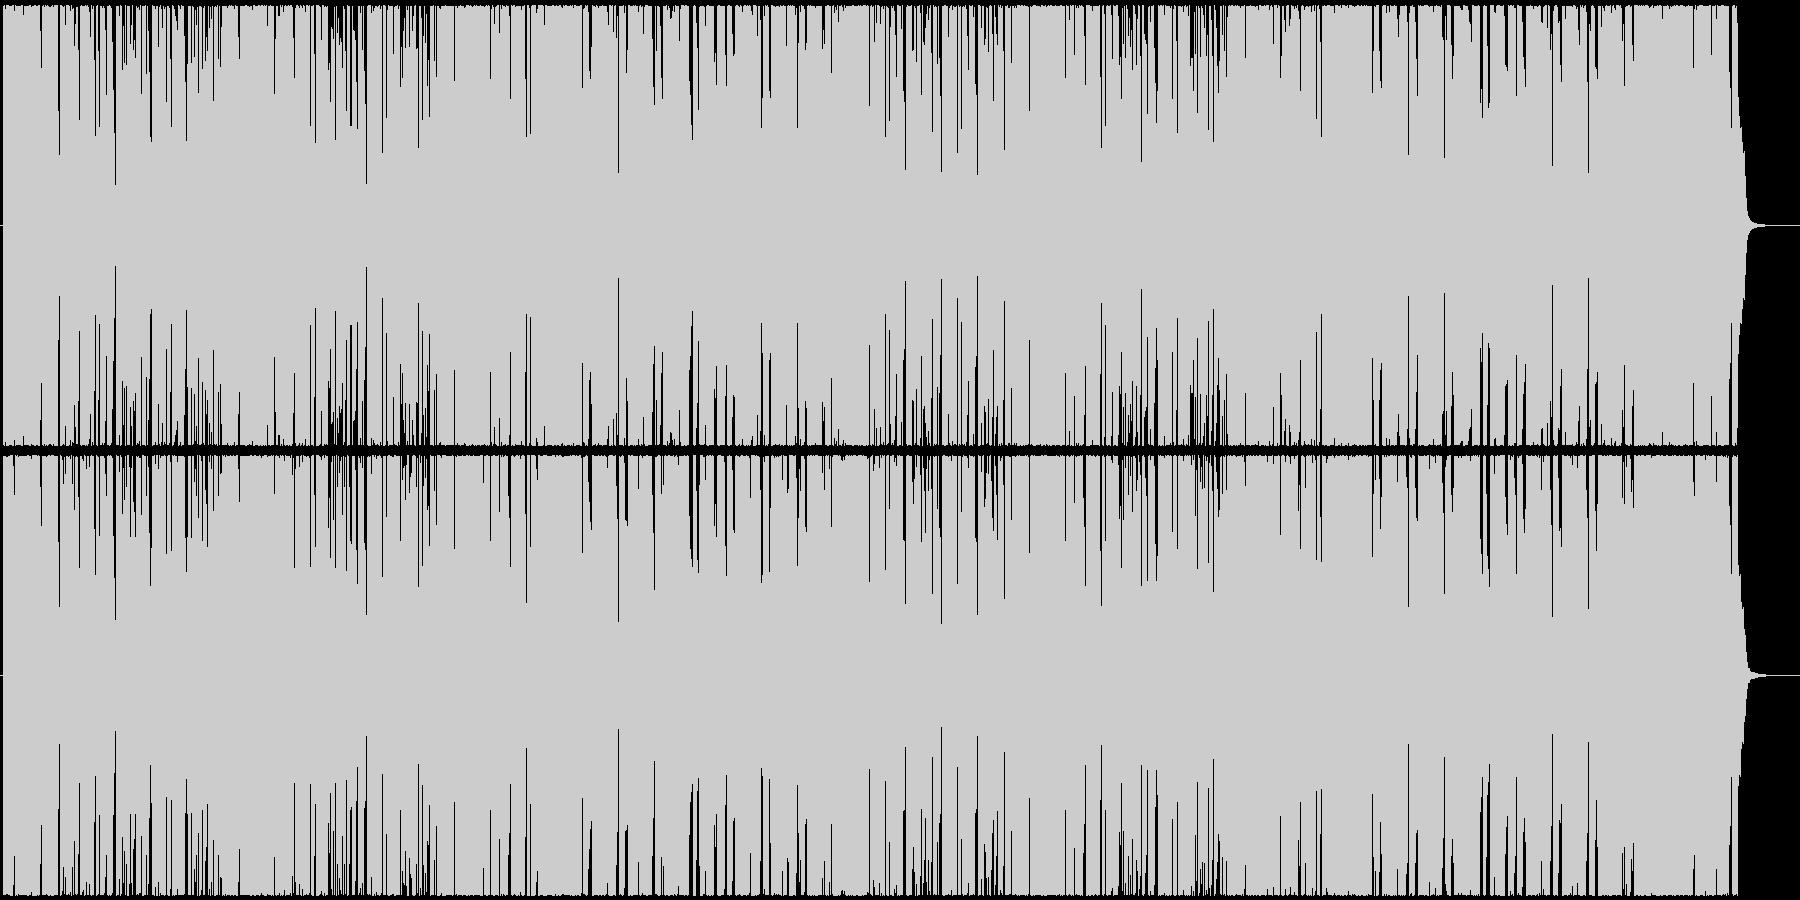 クールなちょい悪オジサンが登場(ジャズ)の未再生の波形